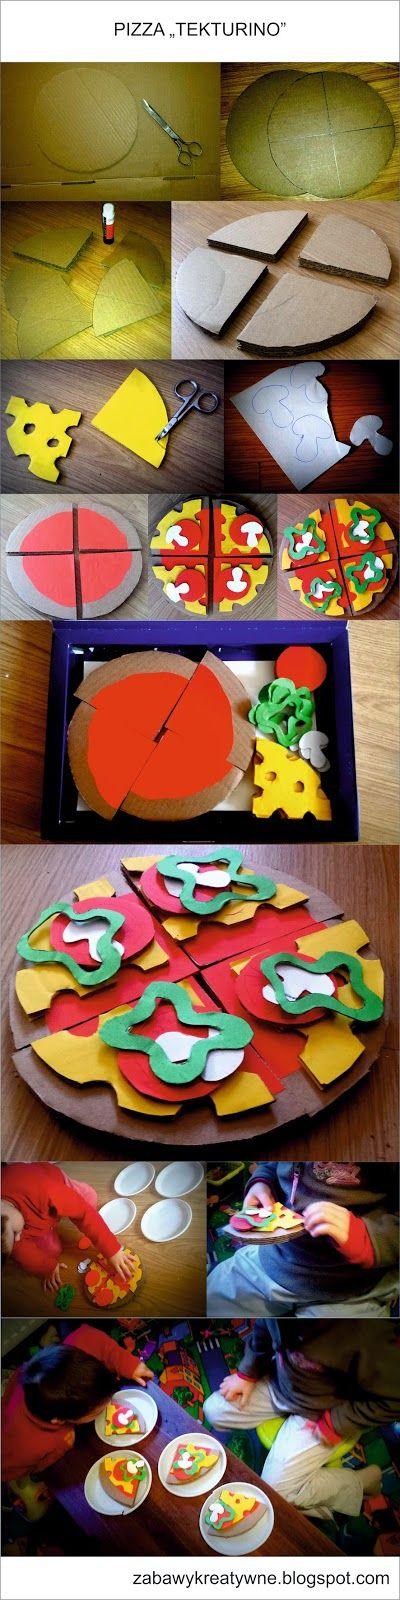 Zabawy kreatywne: Pizza z tektury